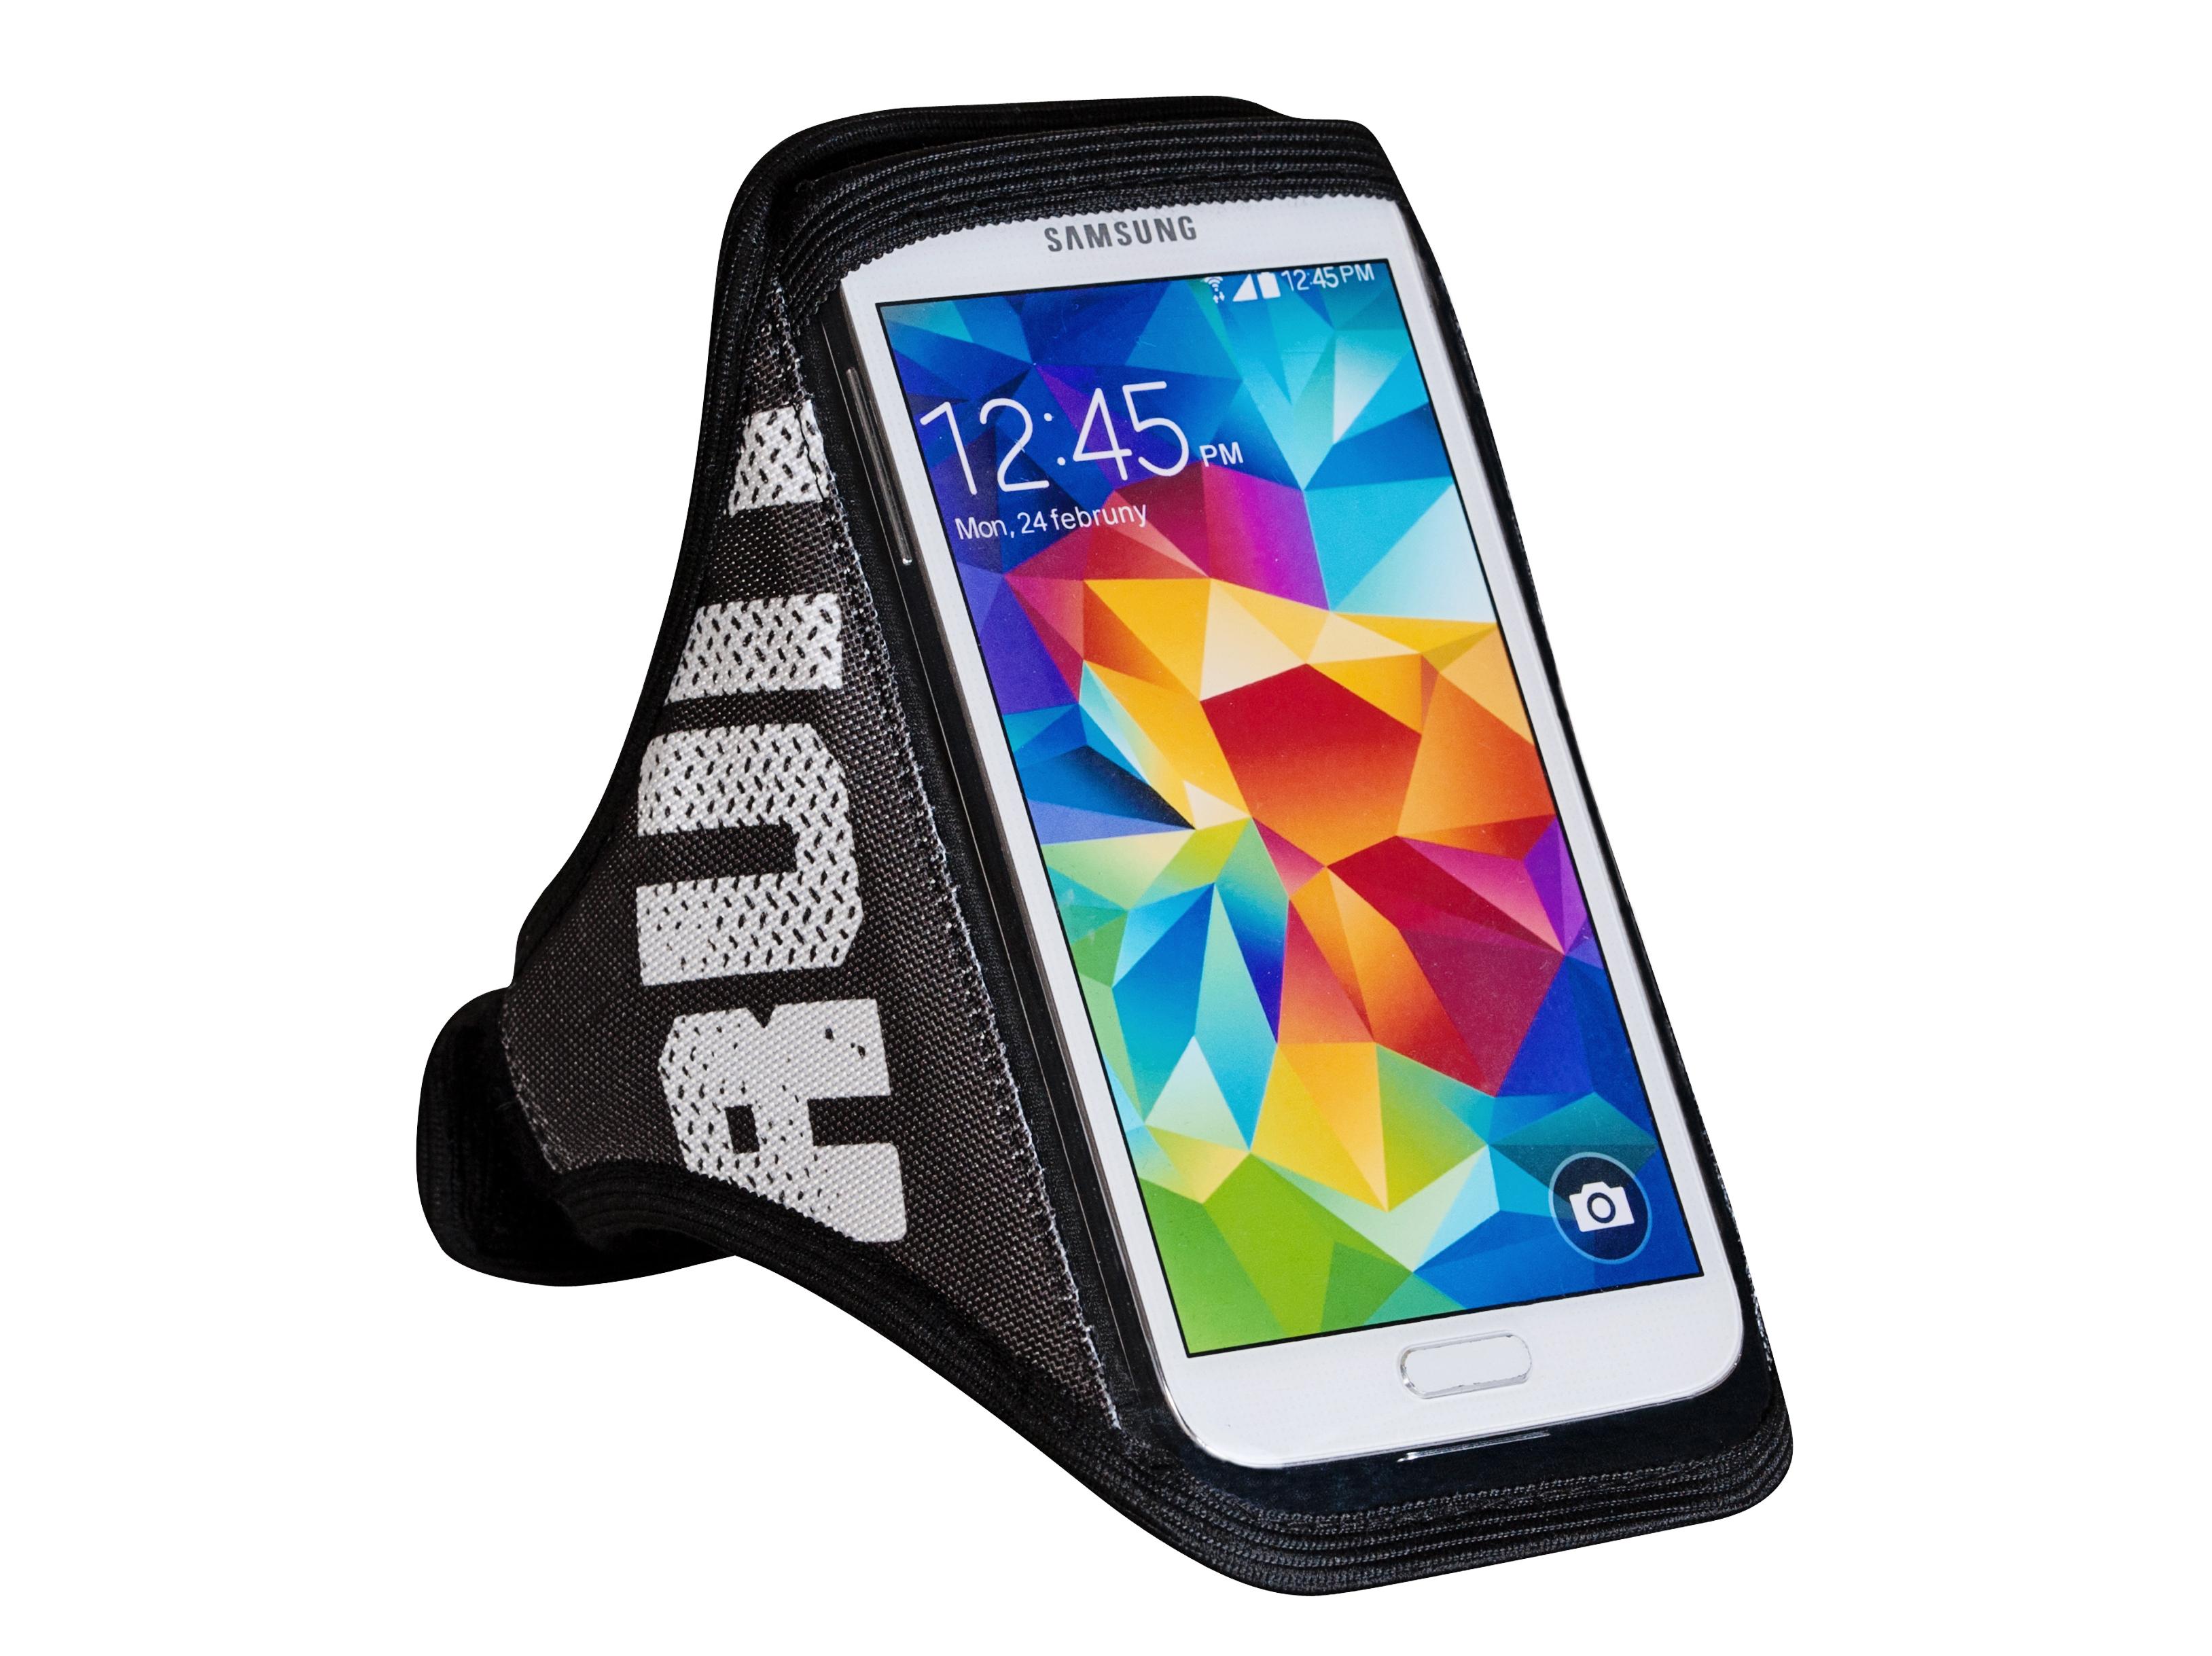 """Sportovní pouzdro na ruku Sport Arm SOX pro mobilní telefony do 5"""" ČERNÉ (Pouzdro na běhání pro mobilní telefony do 5 palců)"""